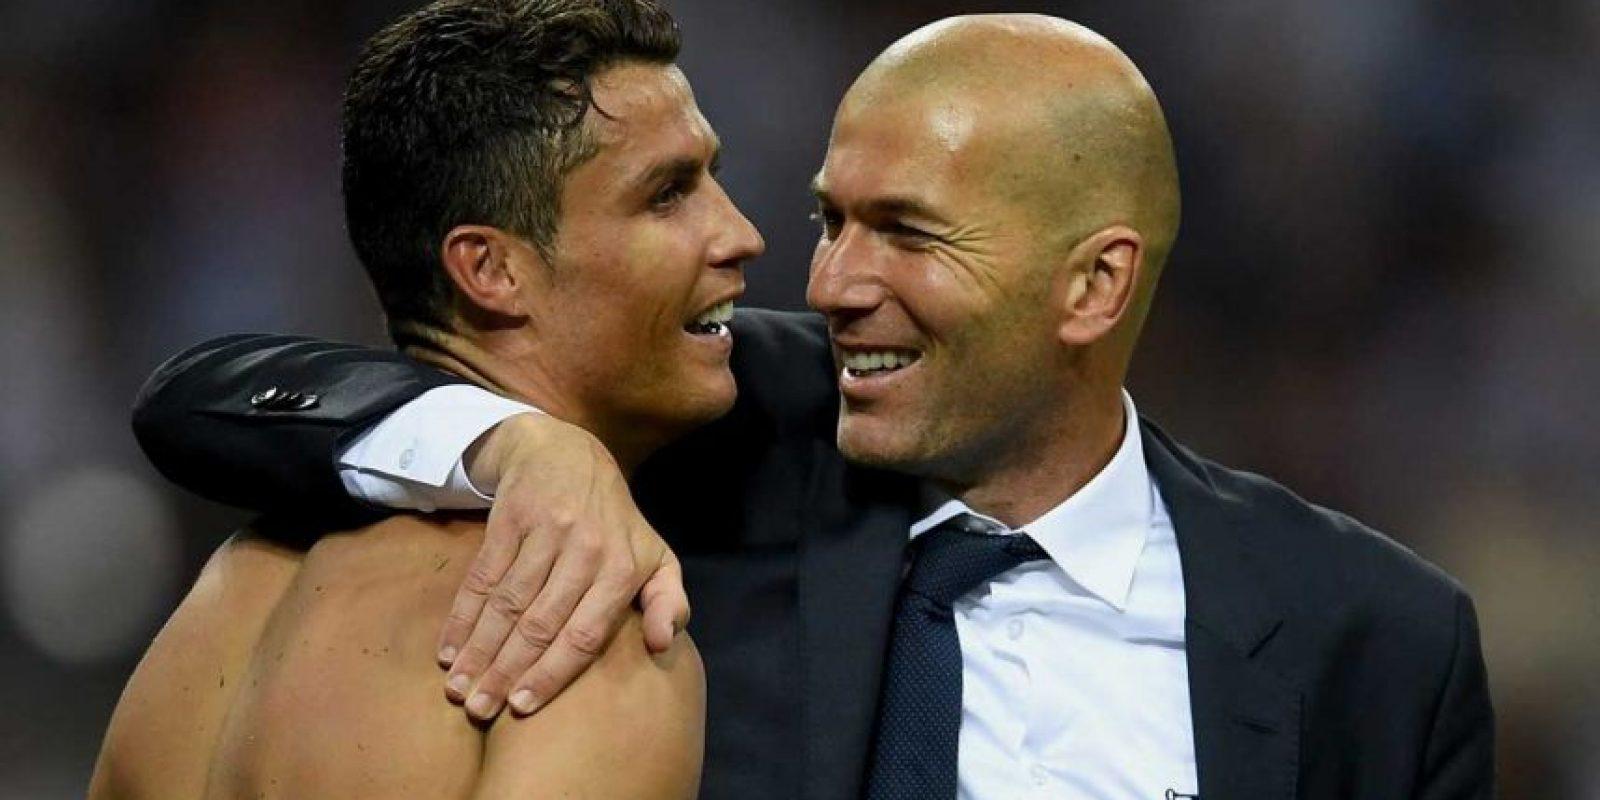 Se abrazó eufóricamente con el jugador estrella de su equipo, Cristiano Ronaldo. Foto:Getty Images